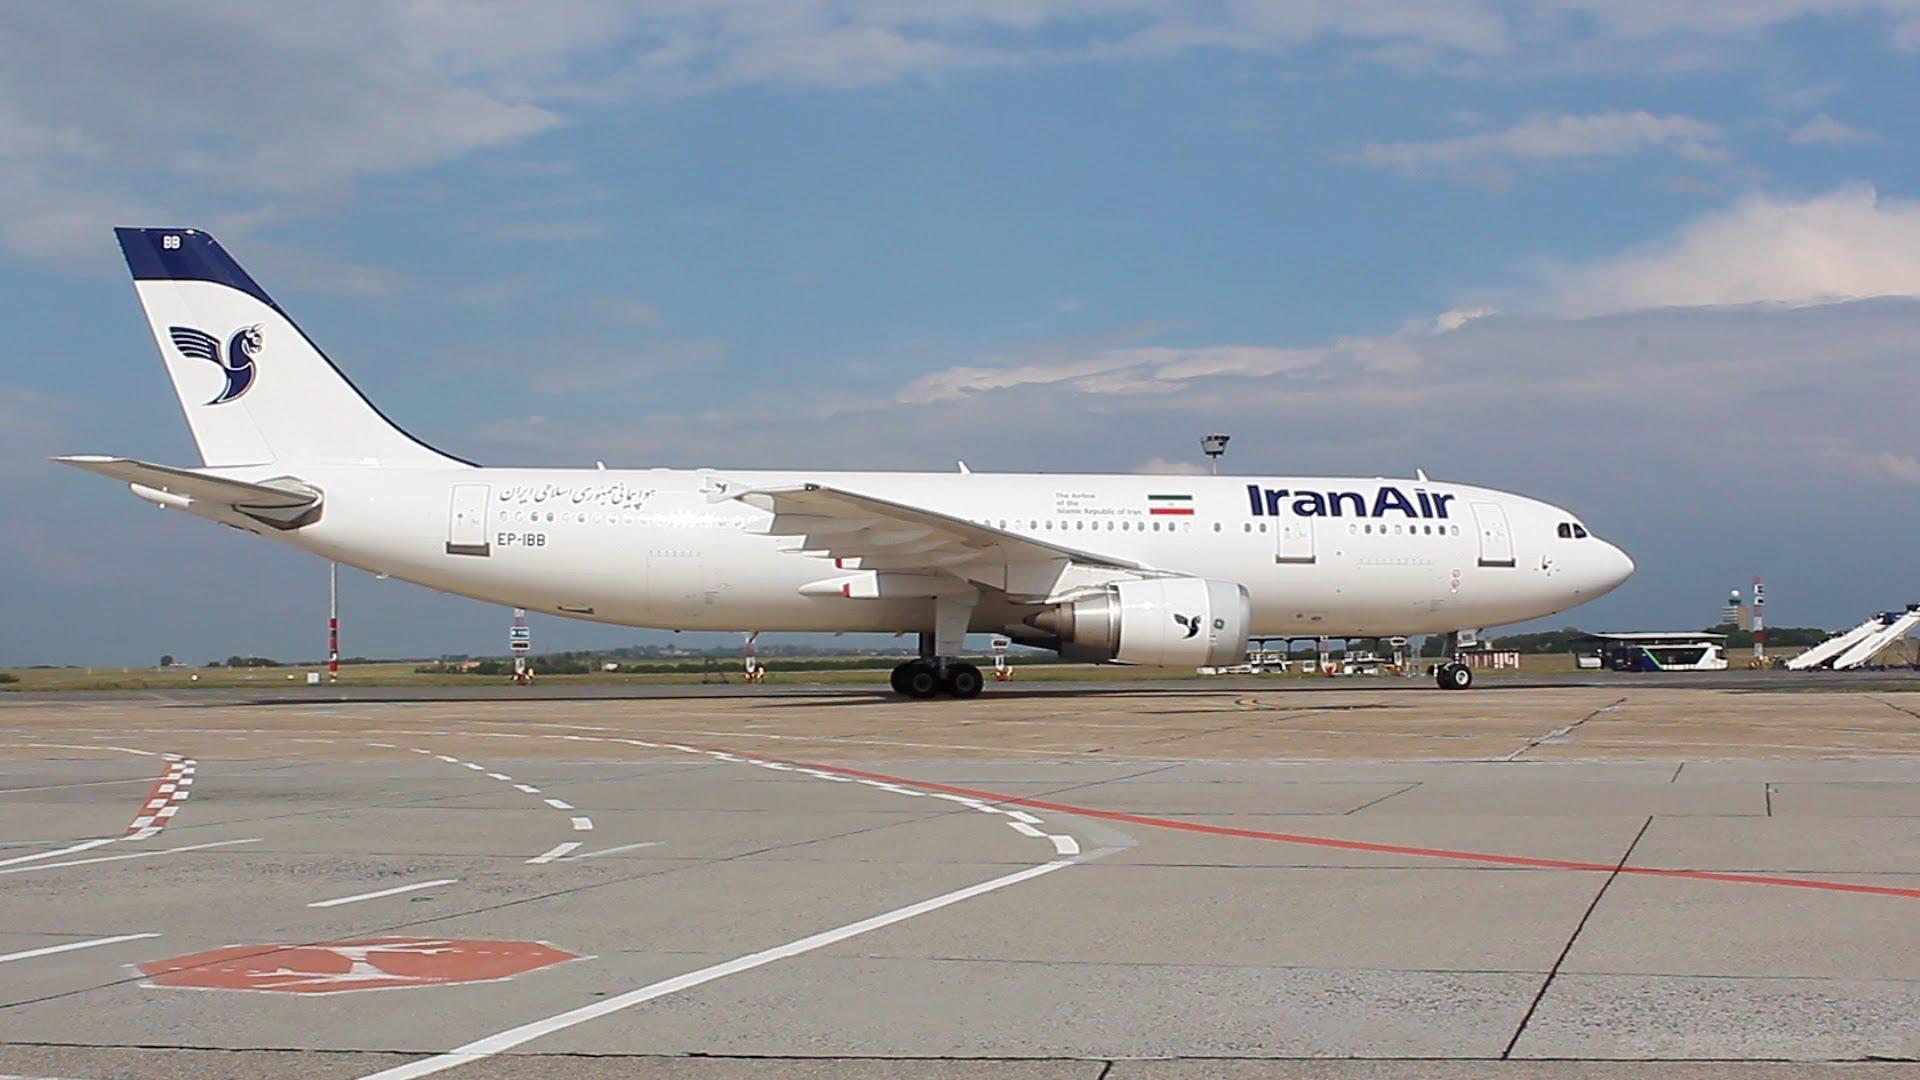 سازمان هواپیمایی: پروازها به ترکیه متوقف نمیشود - 0